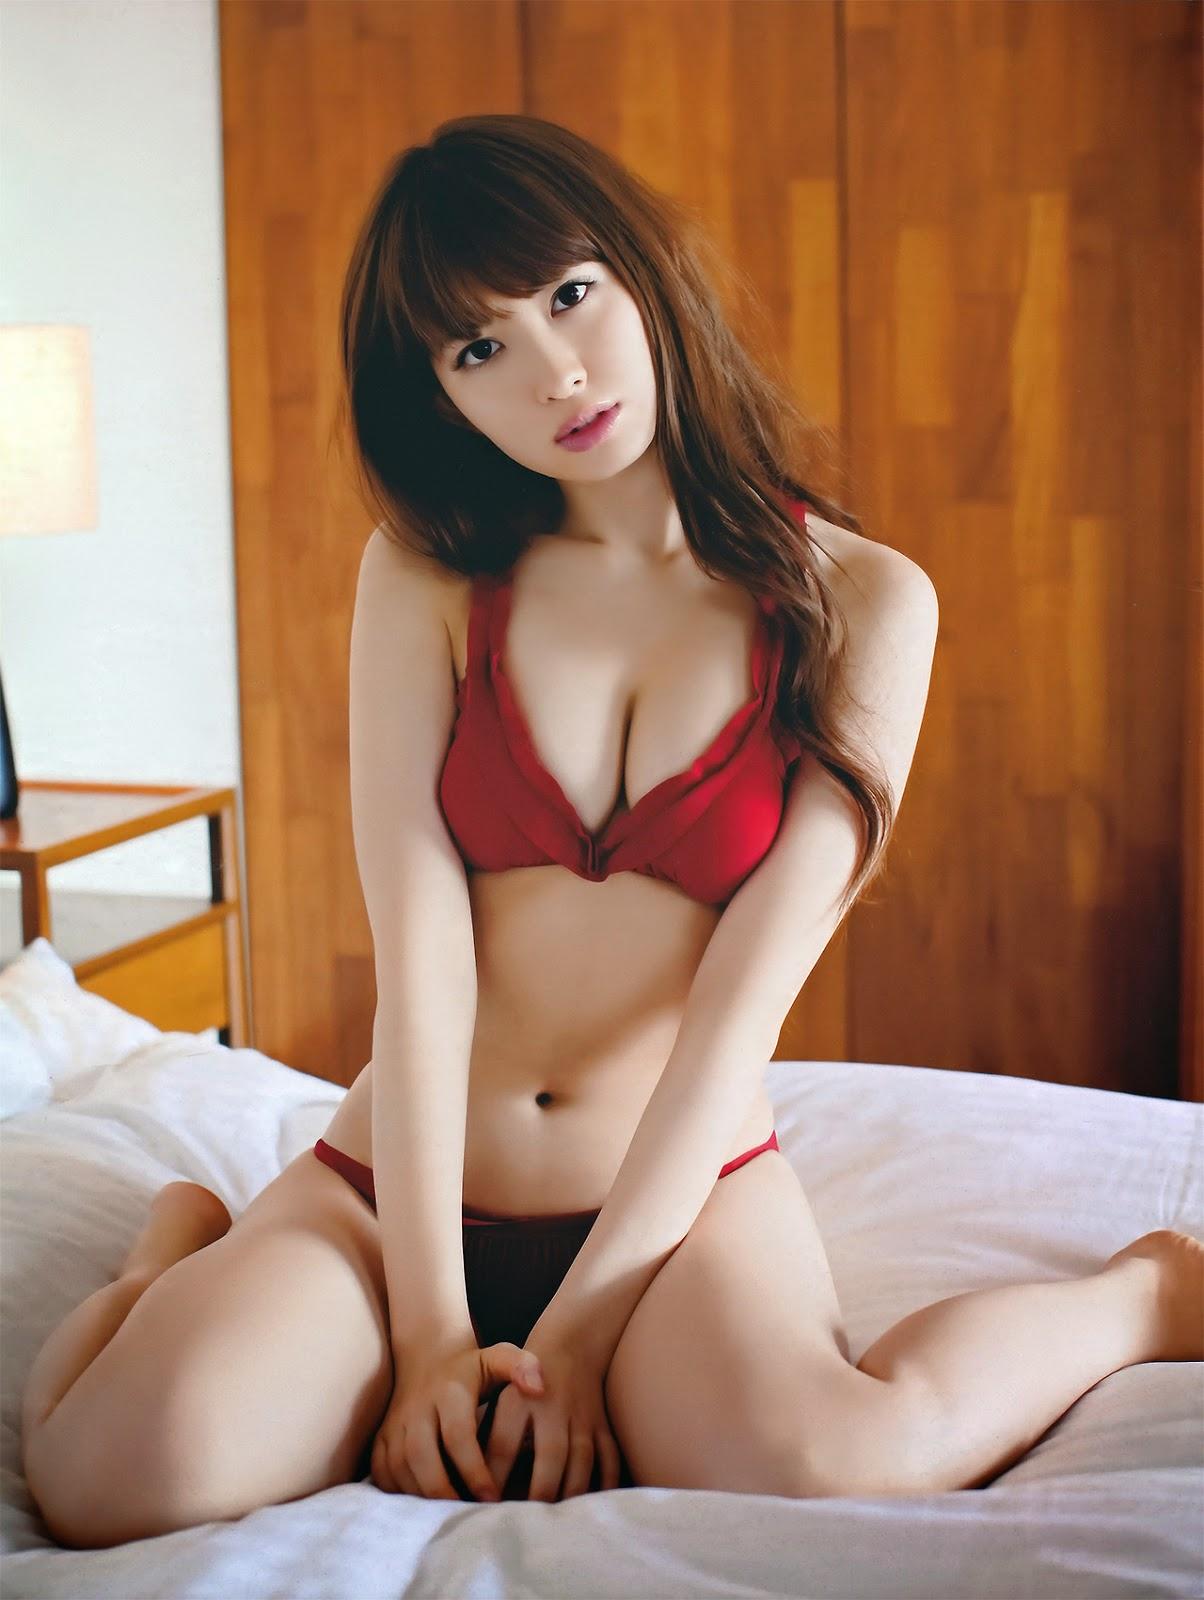 Haruna Kojima đường cong rực lửa khiến mọi người ghen tị 1